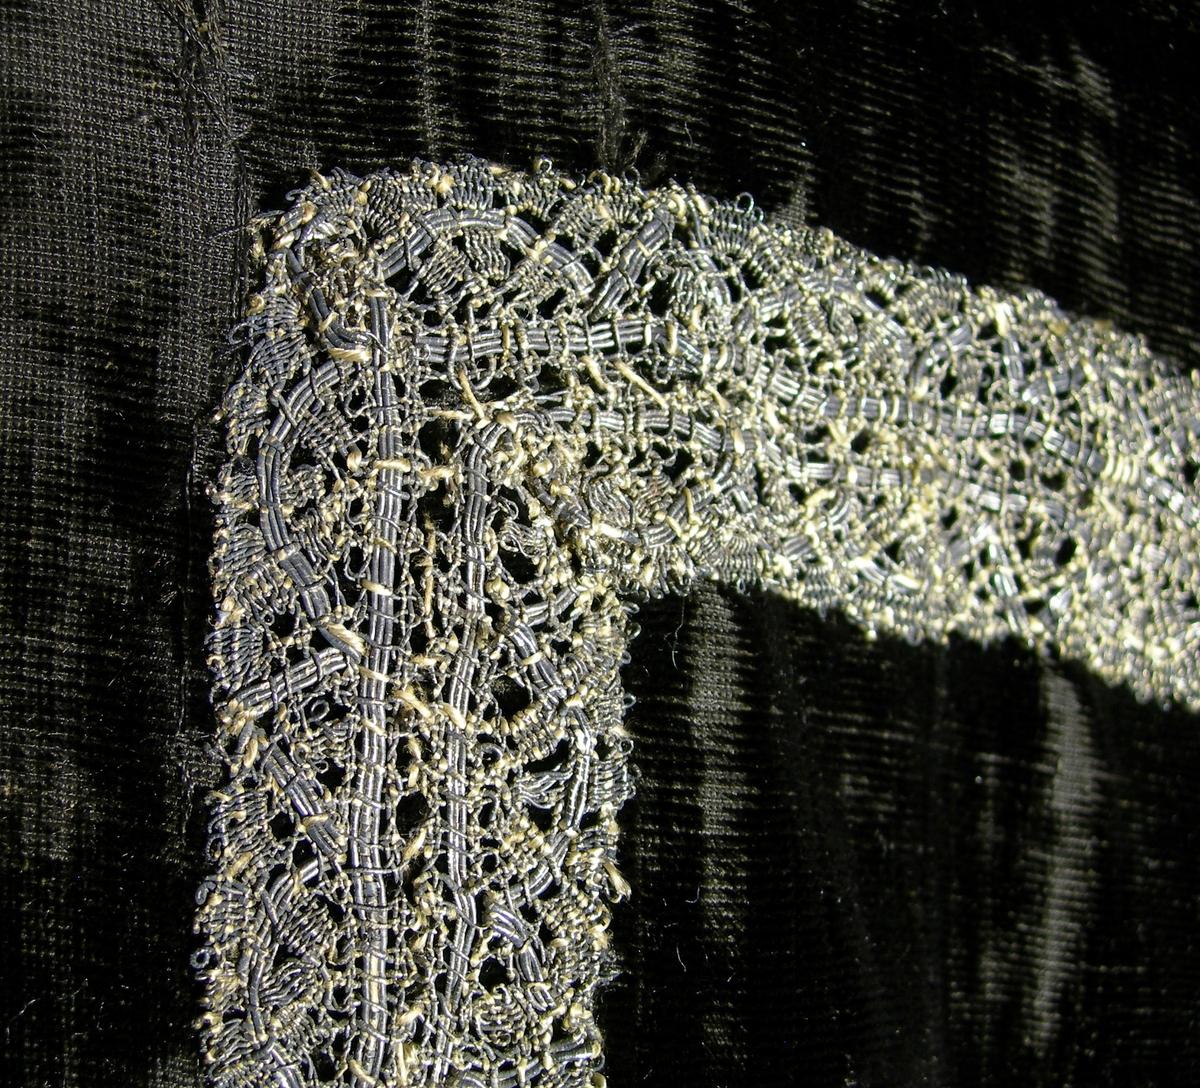 Slät sammet, svart. Varp: svart silke Polvarp: svart silke Inslag: svart silke Yllefoder i liksidig kypert (2/2), gråsvart. Tidigare foder, alternativt mellanlägg, i linne, 3-skaftad kypert (2/1), oblekt. Mässhaken har axelsöm och en del av yttertyget mitt fram är av grövre ylle?sammet. På framsidan 840 x 220 mm U-formad dekor av 2 spetsar i metalltråd (spunnet lan, silver) tillsammans 37 mm. Halsringning samt 110 mm djupt sprund med 15 mm bred spets i metalltråd (spunnet lan, silver).  På baksidan 1070 x 520 mm stort kors med konturer av 2 spetsar i metalltråd (spunnet lan, silver), tillsammans 30 mm breda. IHS/A 1667 applicerat i korset med 5 mm brett tuskaftsband vävt av metalltråd (spunnet lan, silver).